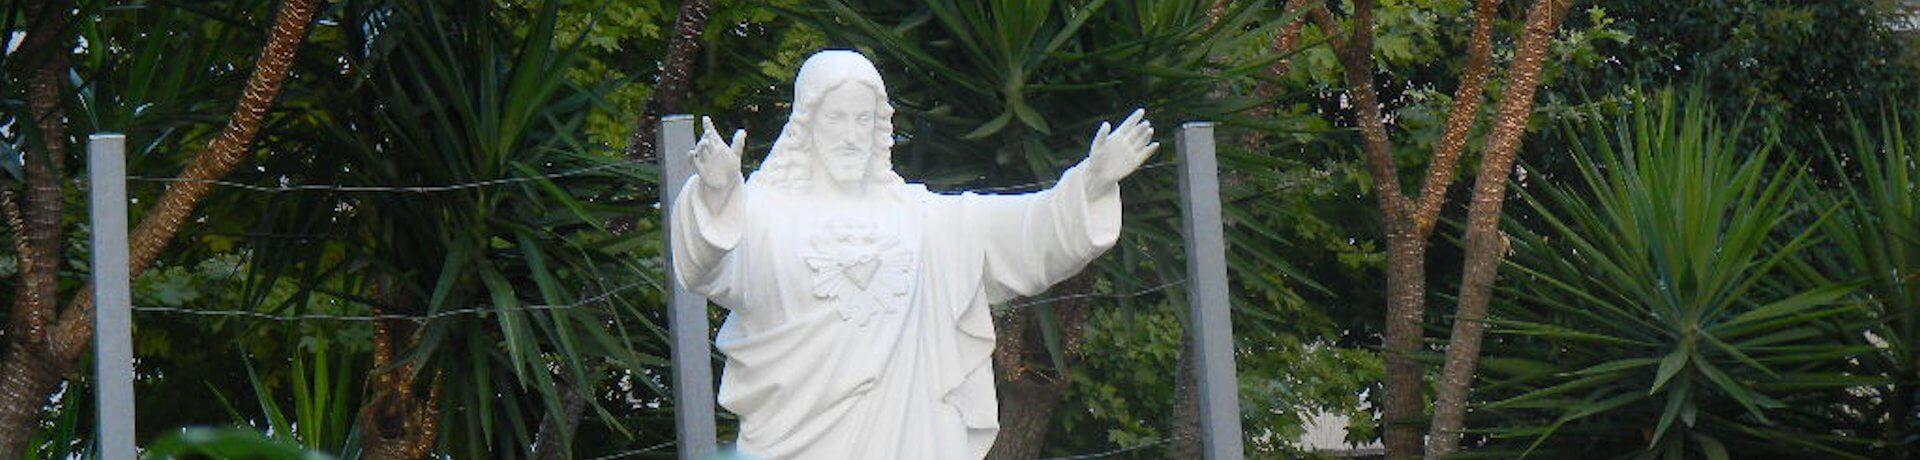 Istituto Sacro Cuore Roma Scuola Sacro Cuore - Statua Gesù Cristo